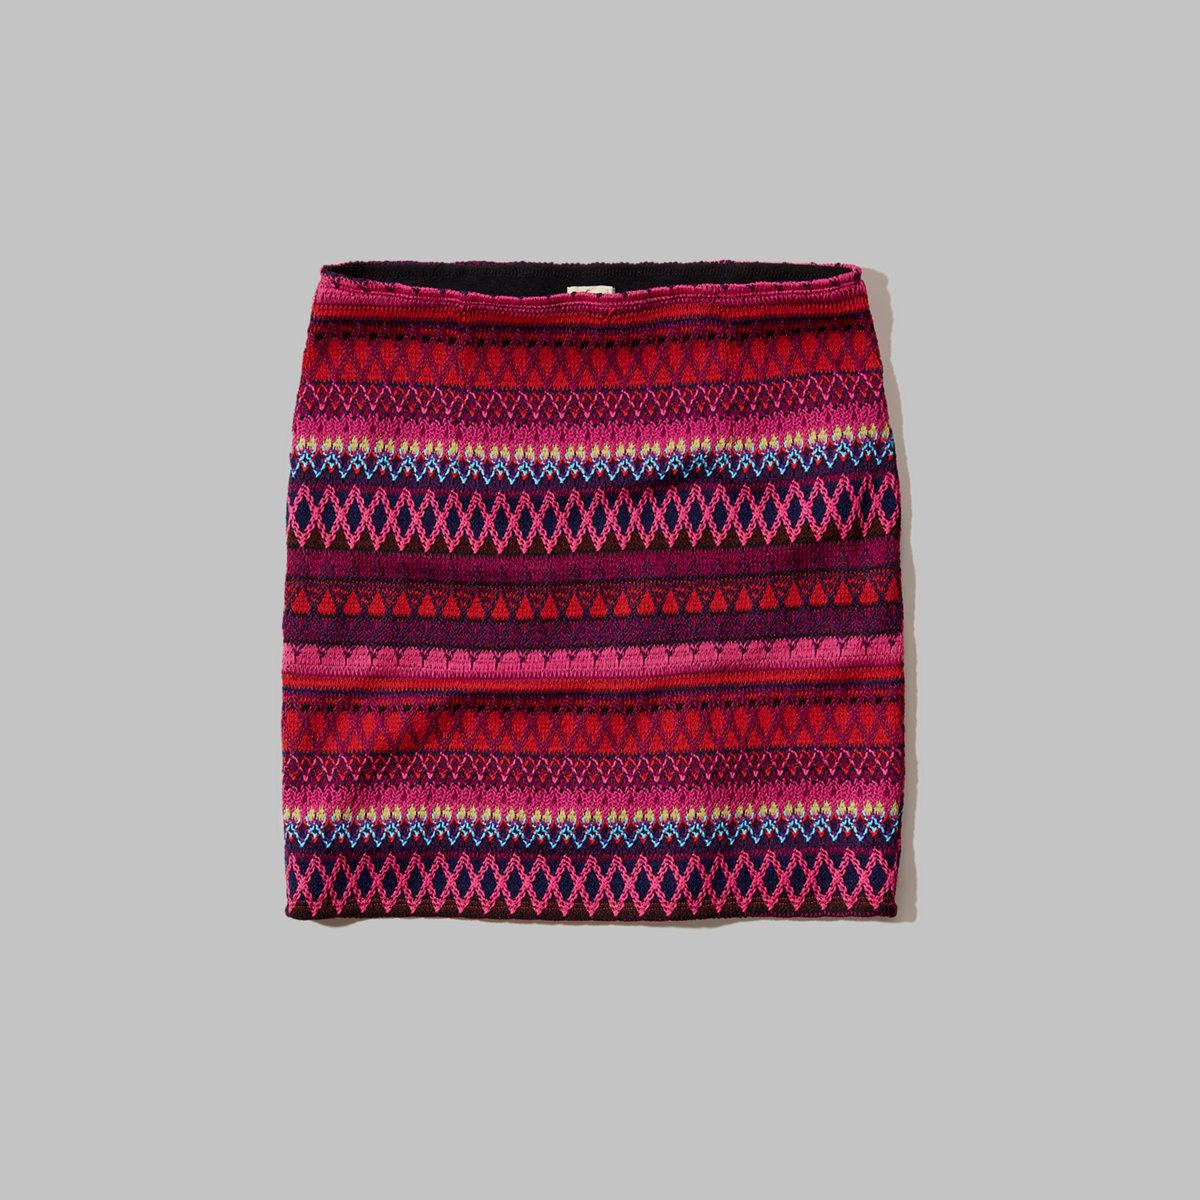 Jacquard Pull-On Skirt